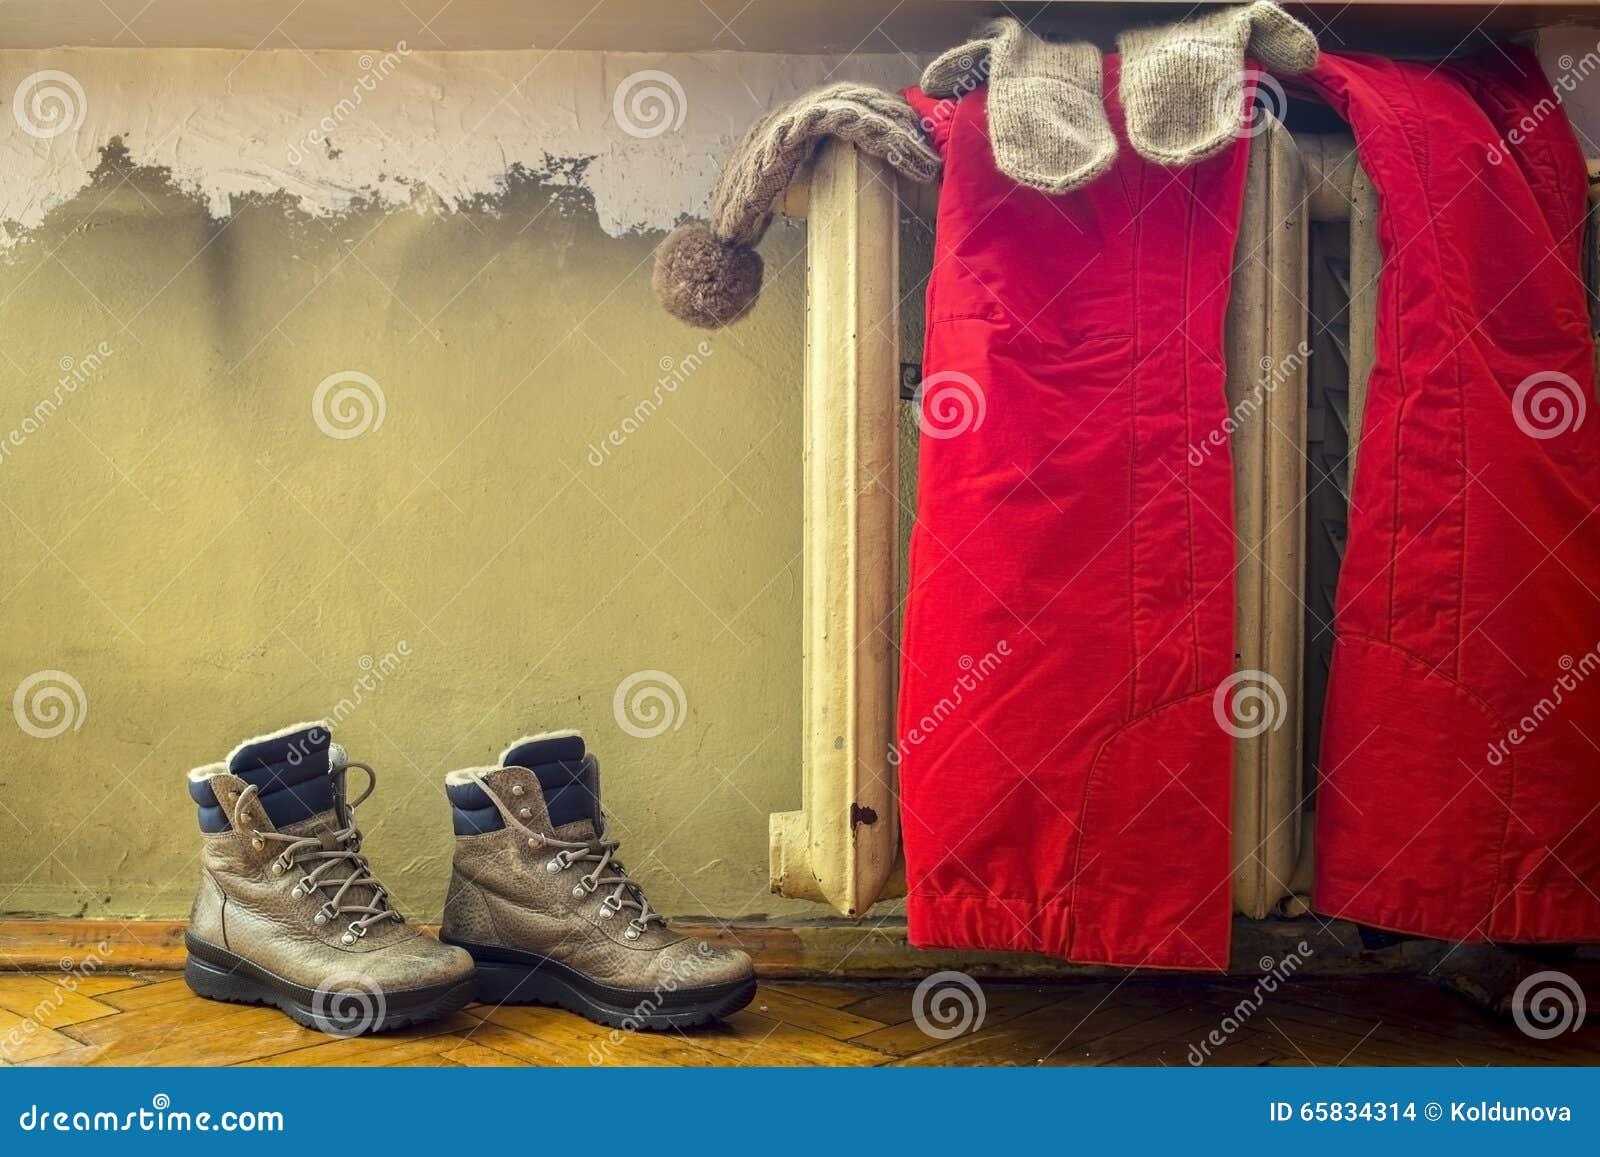 Beklär att hänga på ett varmt gammalt element, som ställningar skor bredvid